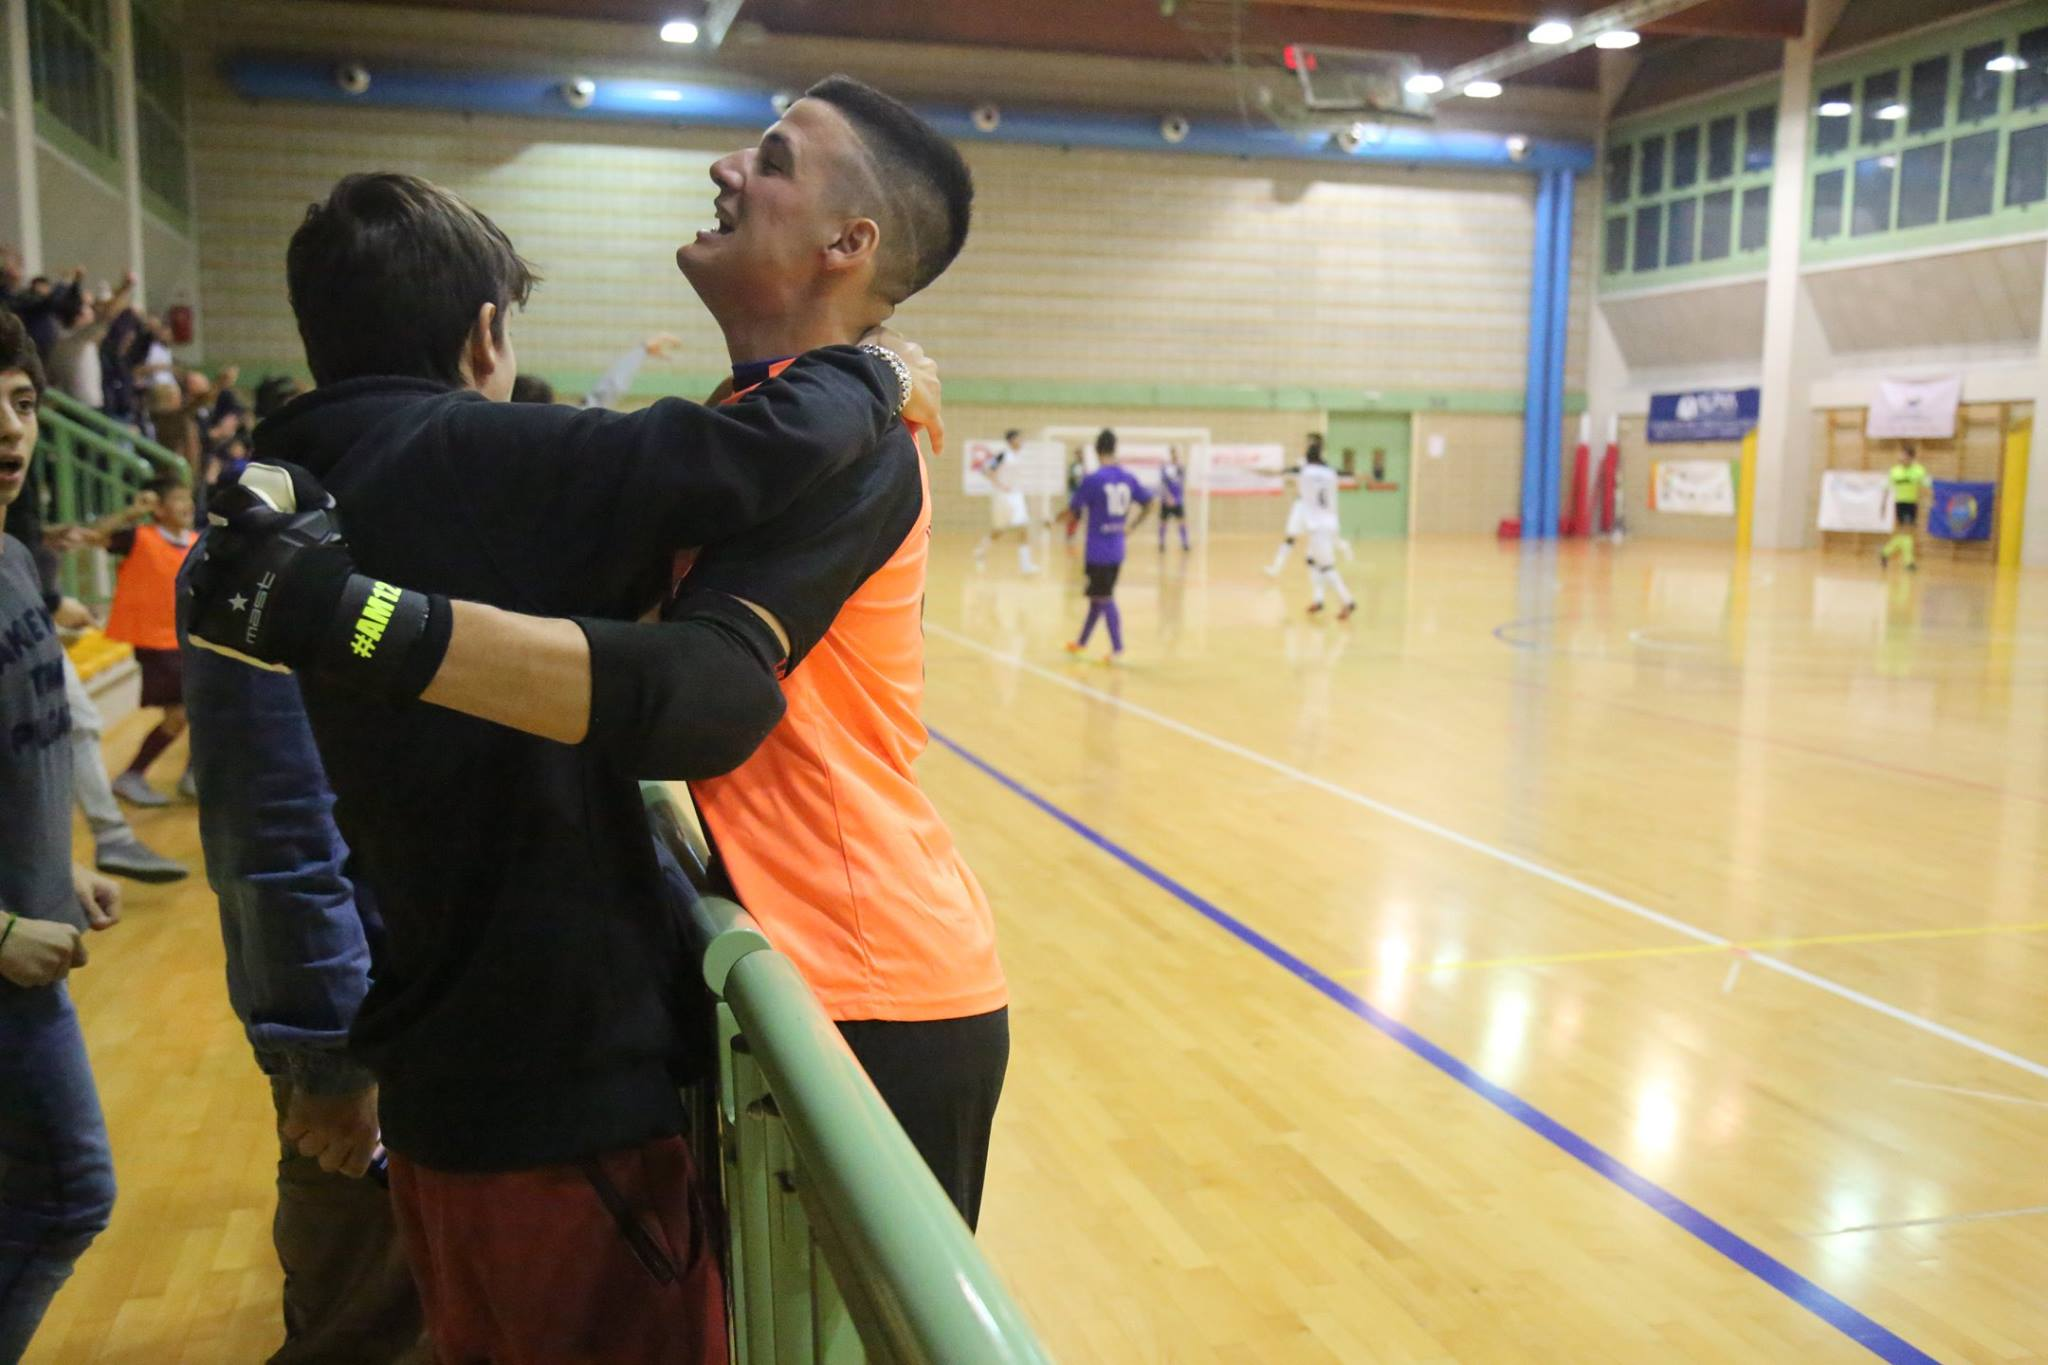 2° Campionato: Etabeta – Futsal Cesena 2 – 3